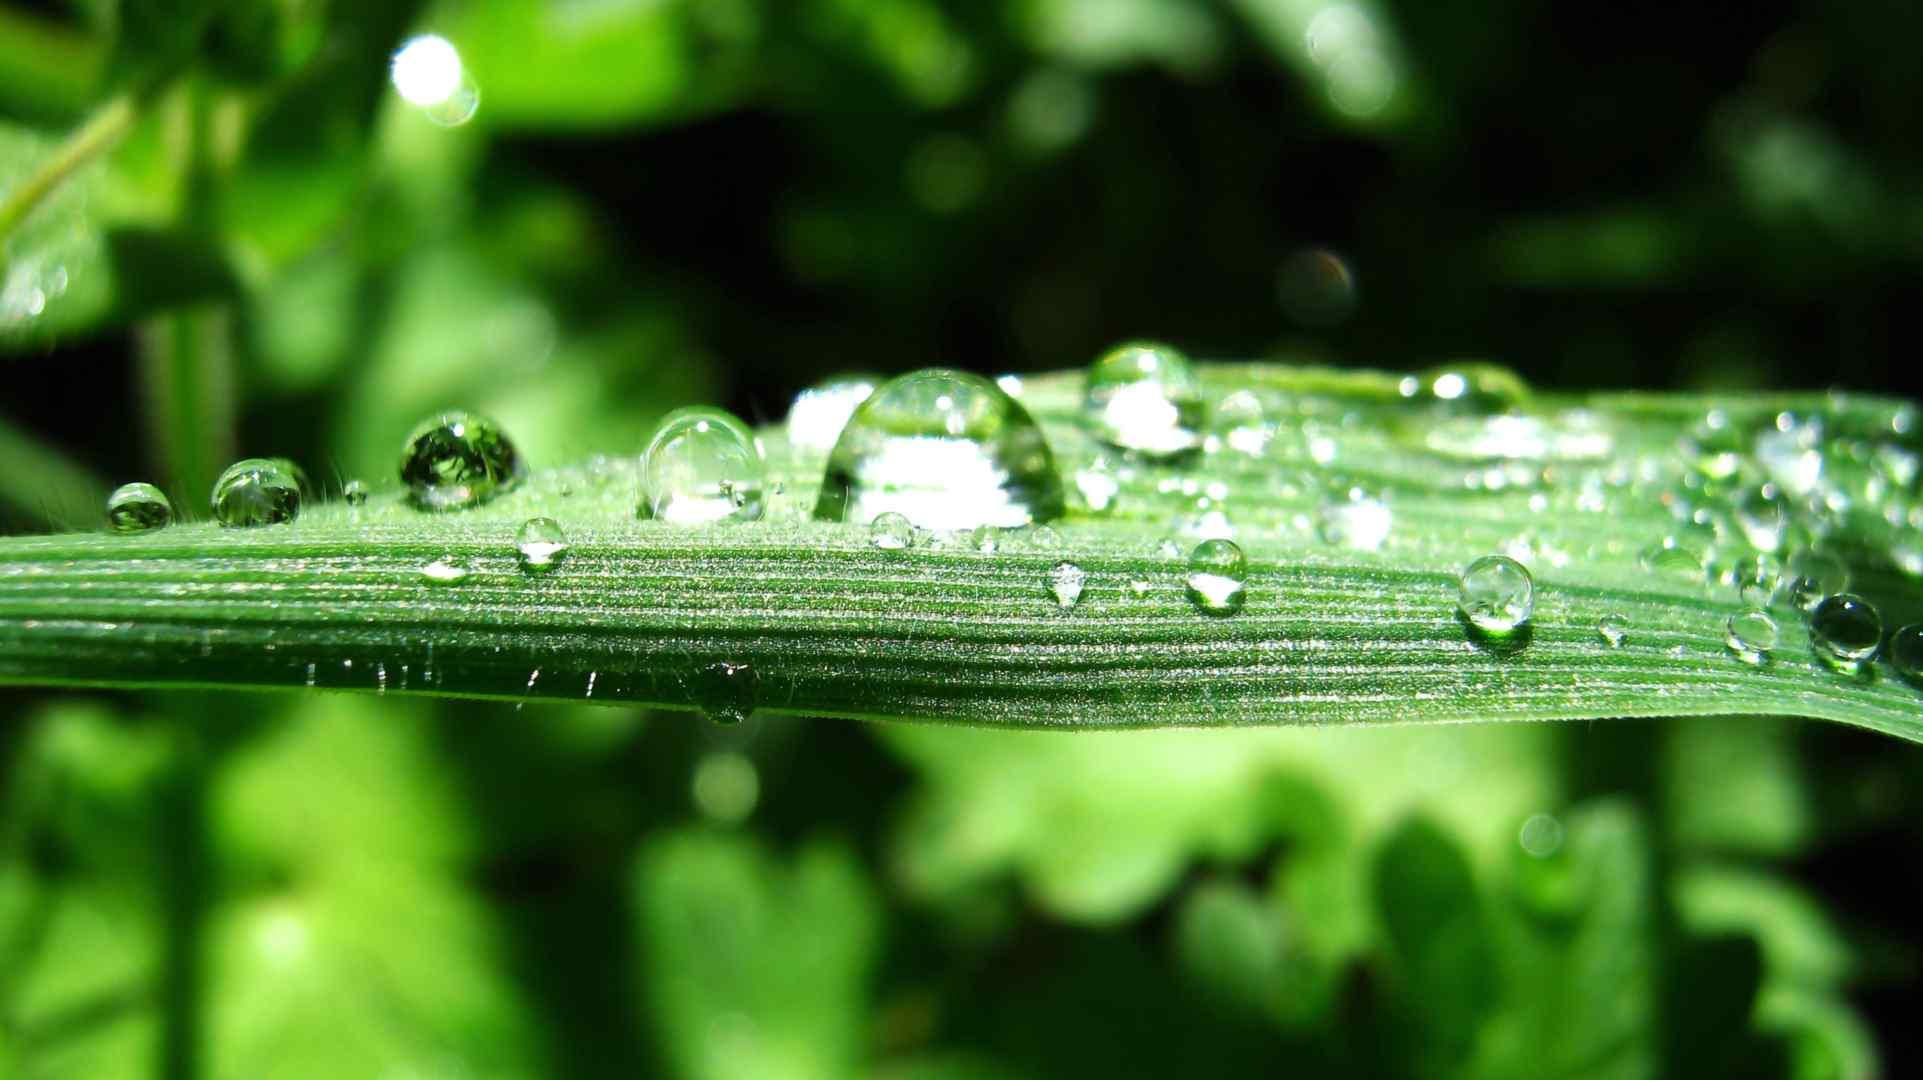 绿叶上的露珠高清